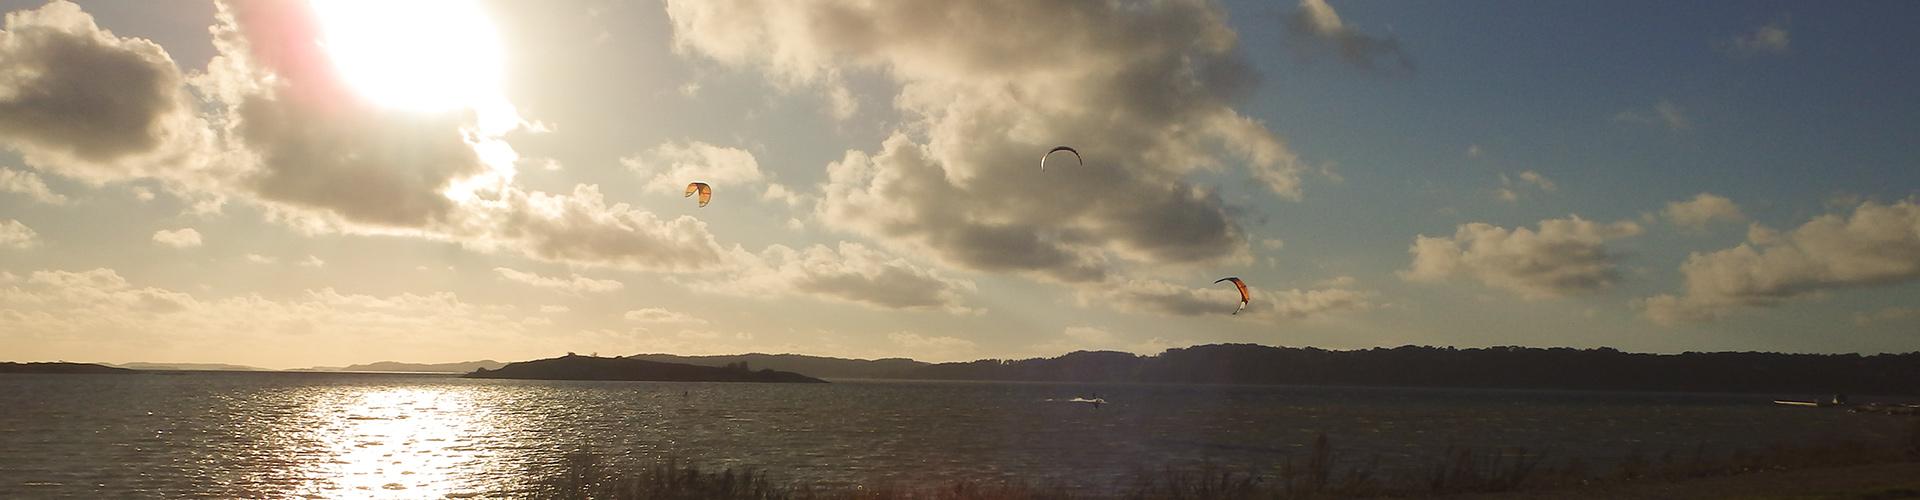 Kitesurf Getskär